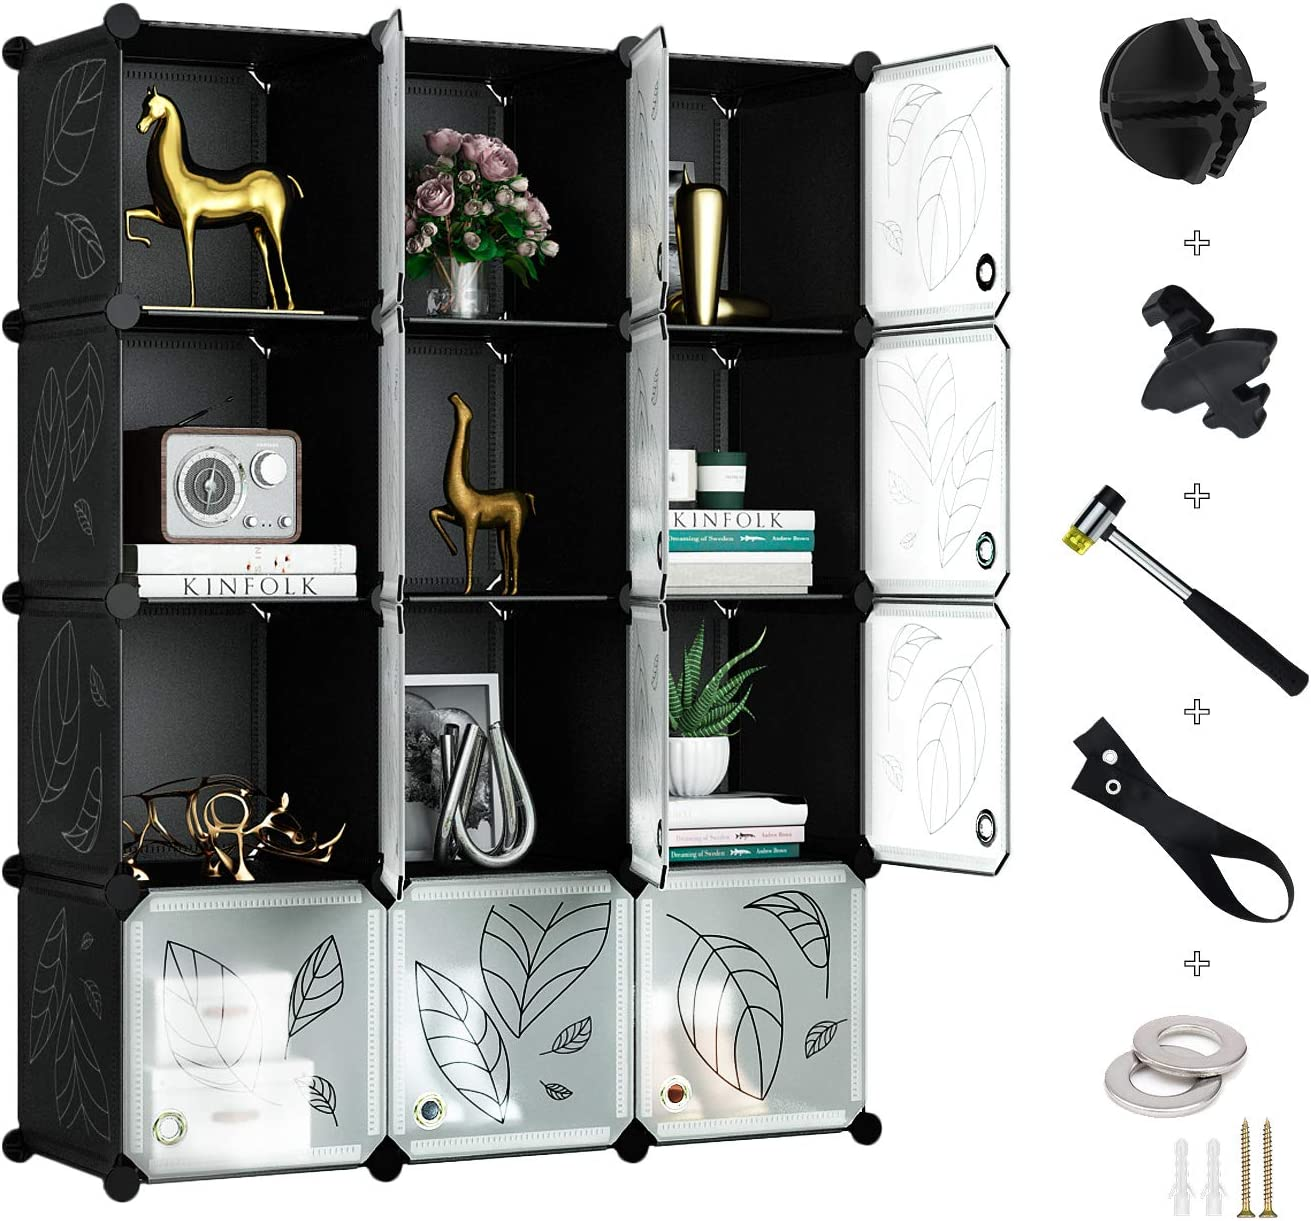 Dekorationen Greenstell Regalsystem mit T/ür Kleidung Schuhe Multifunktionsschrank mit 6 W/ürfeln Spielzeug DIY Regal zur Aufbewahrung von B/üchern Kunst